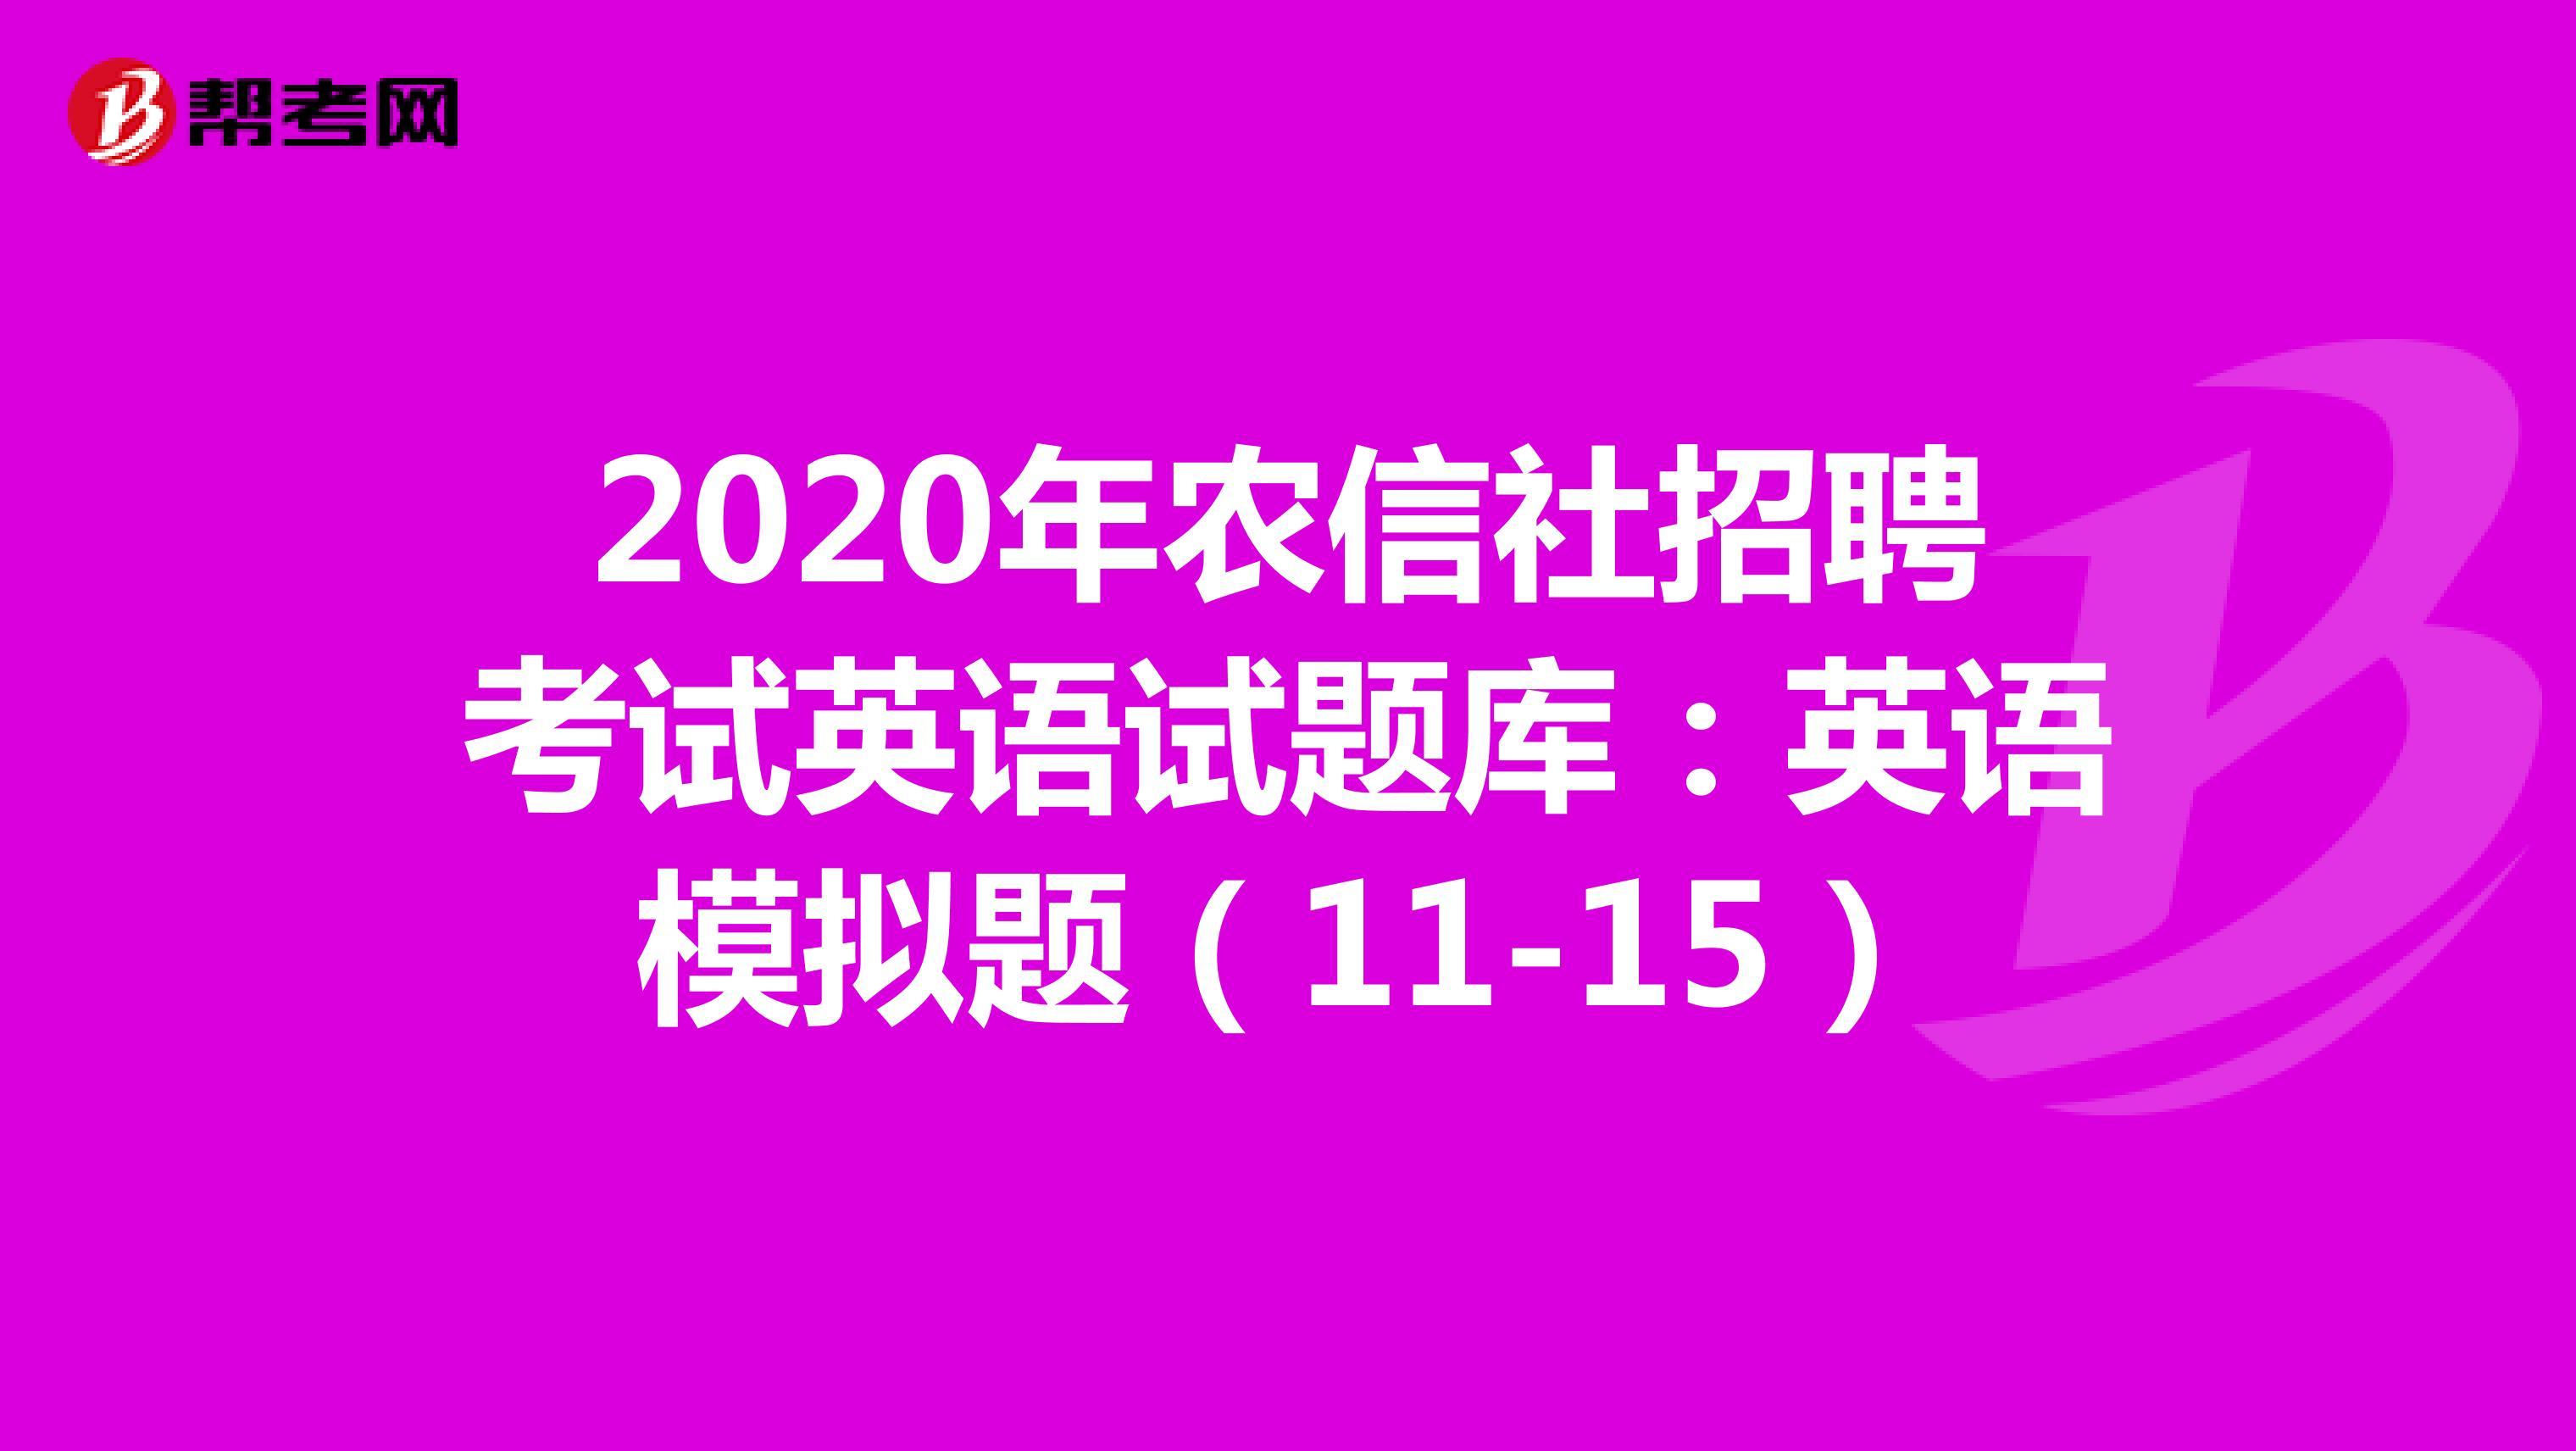 2020年农信社招聘考试英语试题库:英语模拟题(11-15)